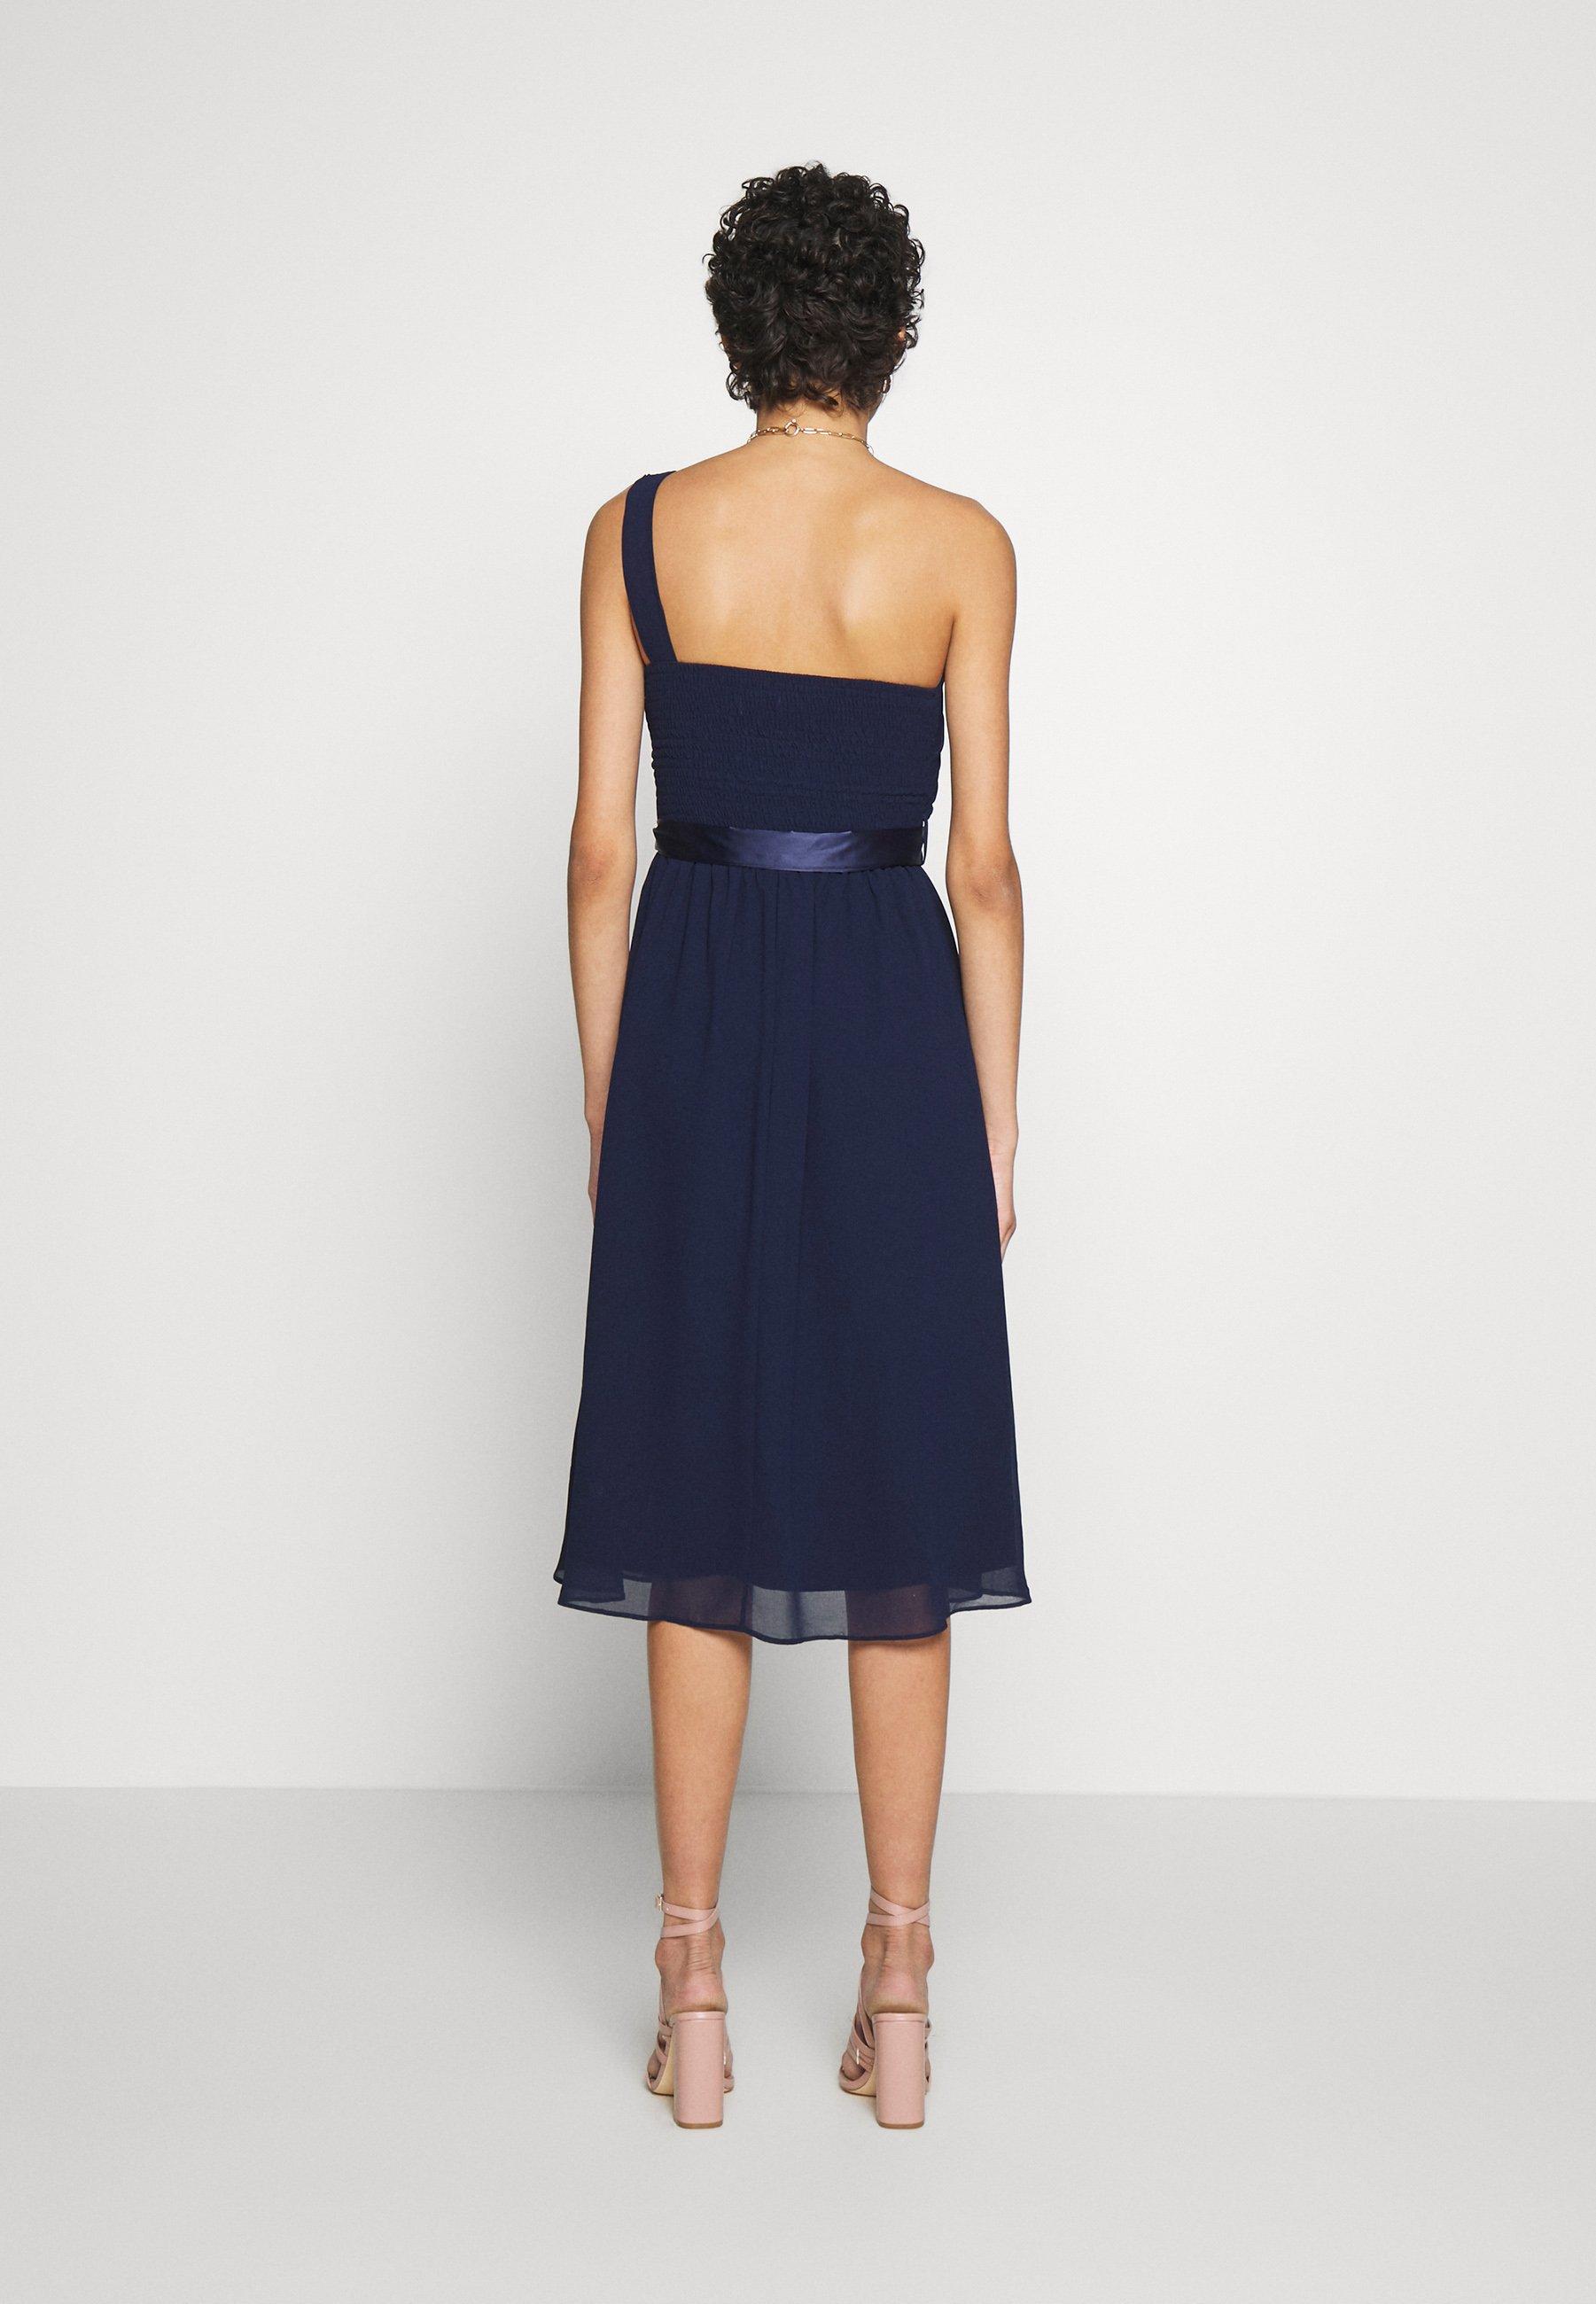 Dorothy Perkins Jenni Shoulder Midi Dress - Cocktailkjoler / Festkjoler Navy